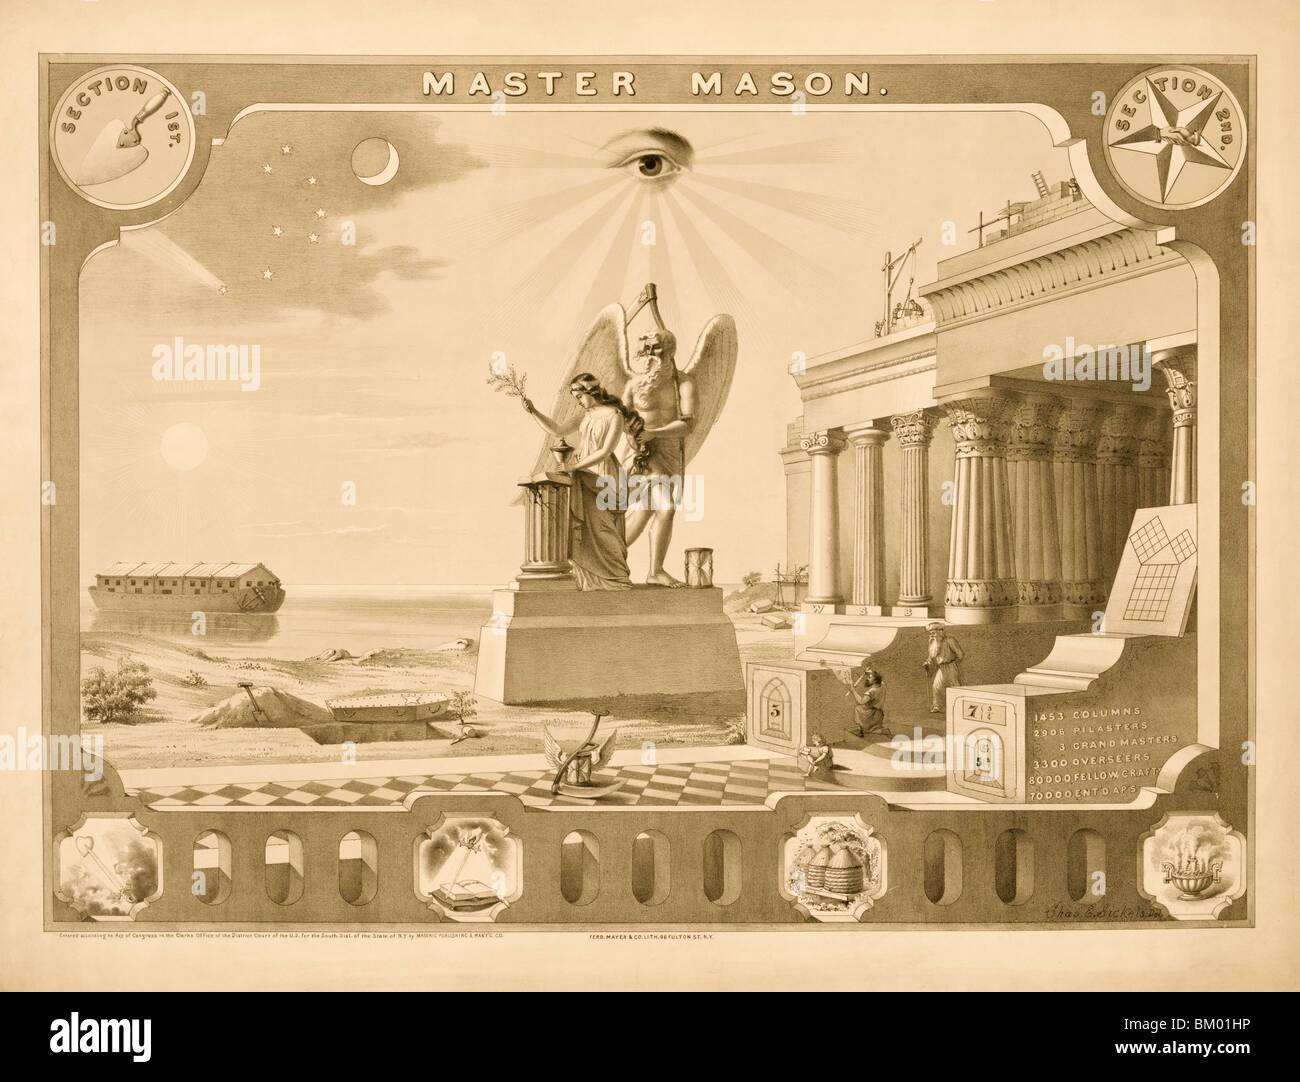 Master Masons Stock Photos Master Masons Stock Images Alamy